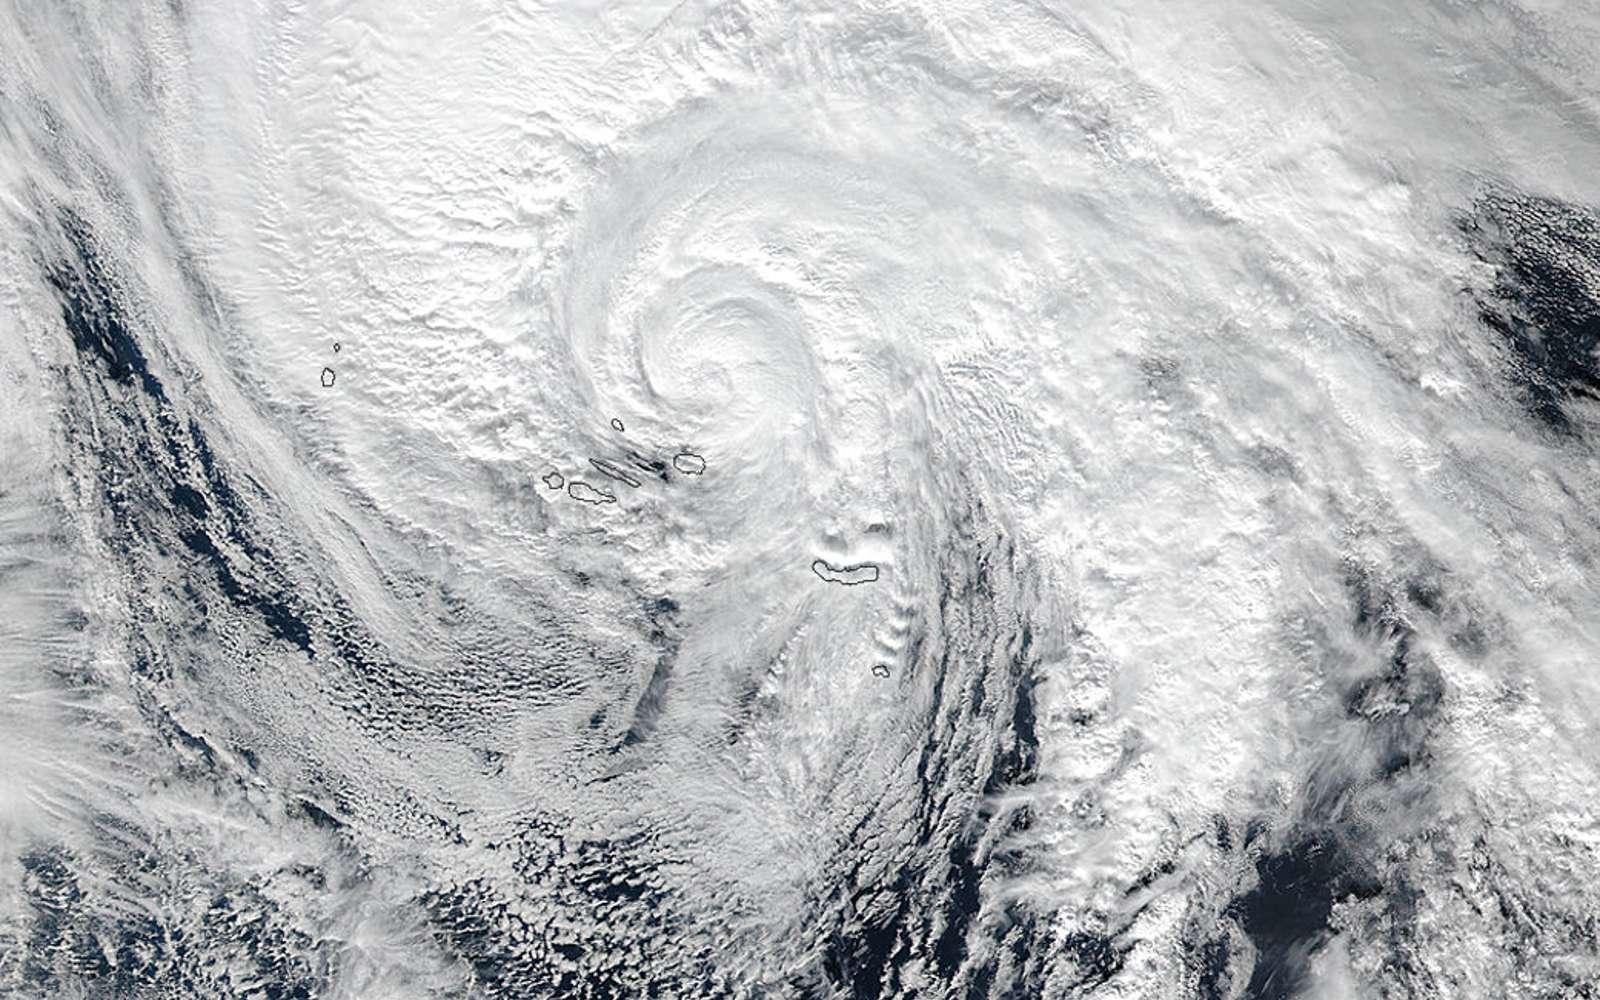 L'ouragan Alex, le premier à se former dans l'Atlantique nord en janvier depuis 1938, photographié le 15 janvier 2016 par le satellite Suomi-NPP. © Nasa, NOAA, Jeff Schmaltz